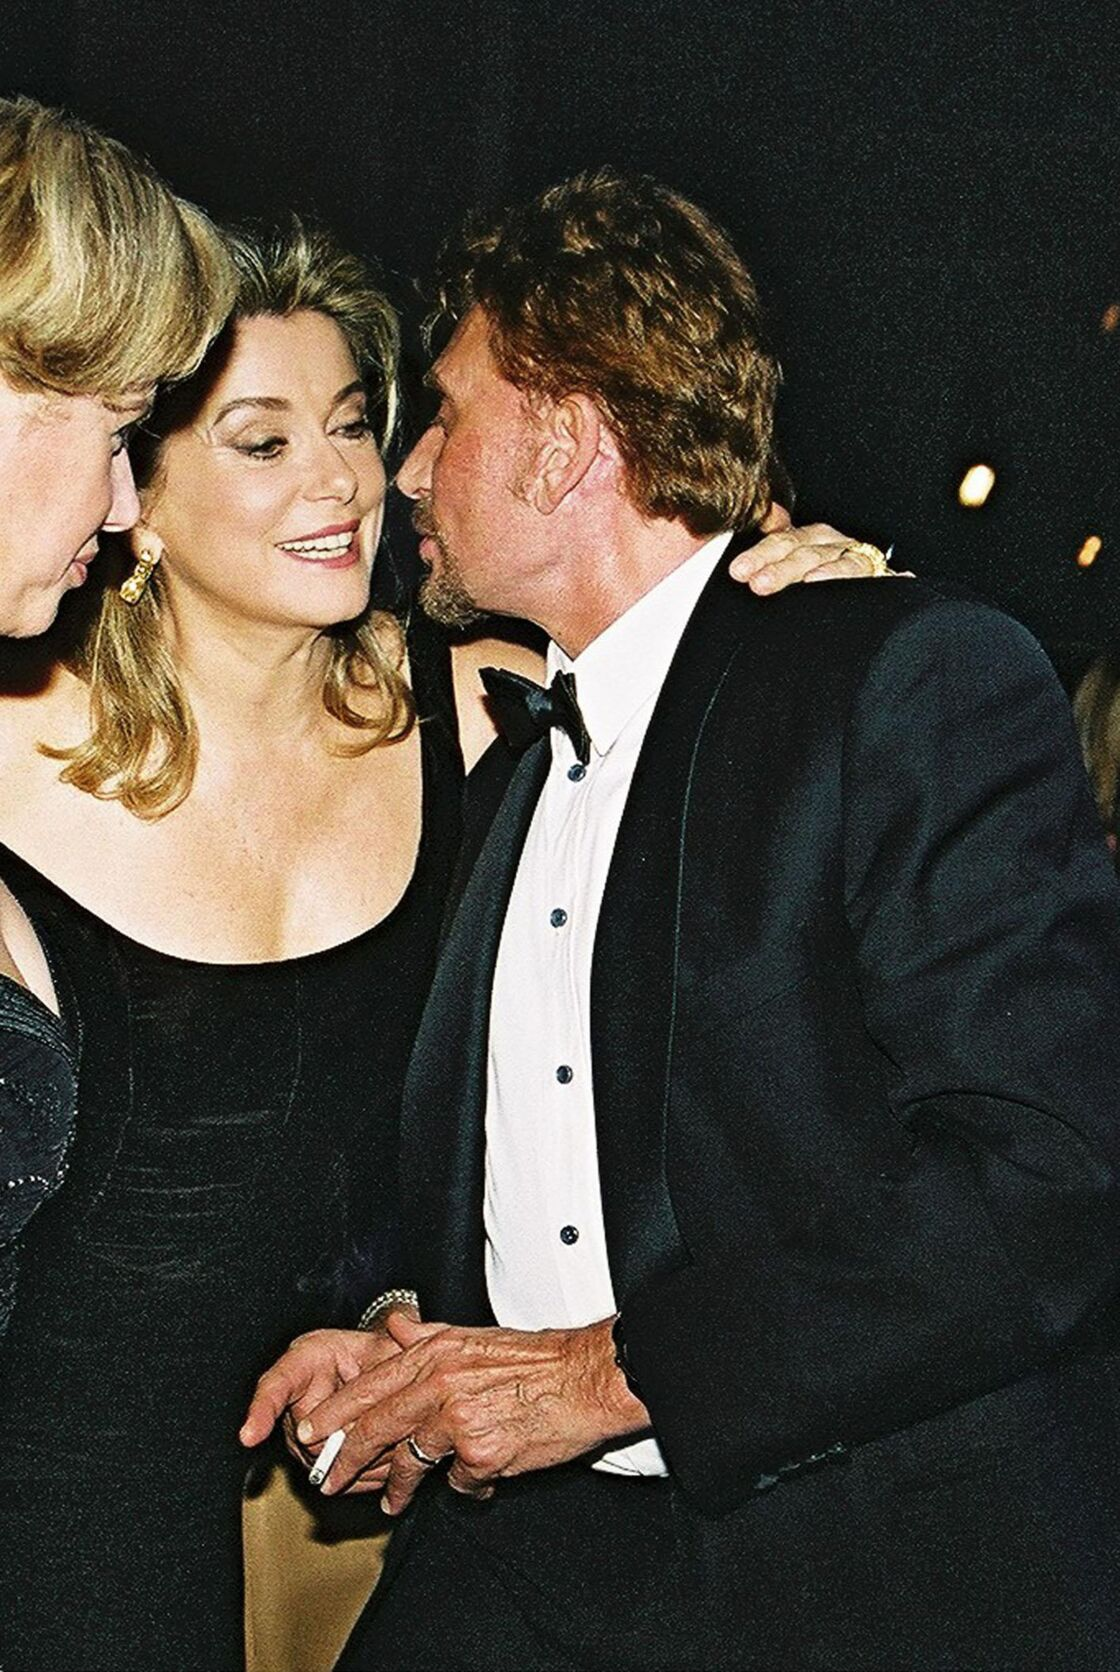 Catherine Deneuve et Johnny Hallyday au gala annuel au profit de la Fondation Children of Africa au Palais de Chaillot, en 2001.